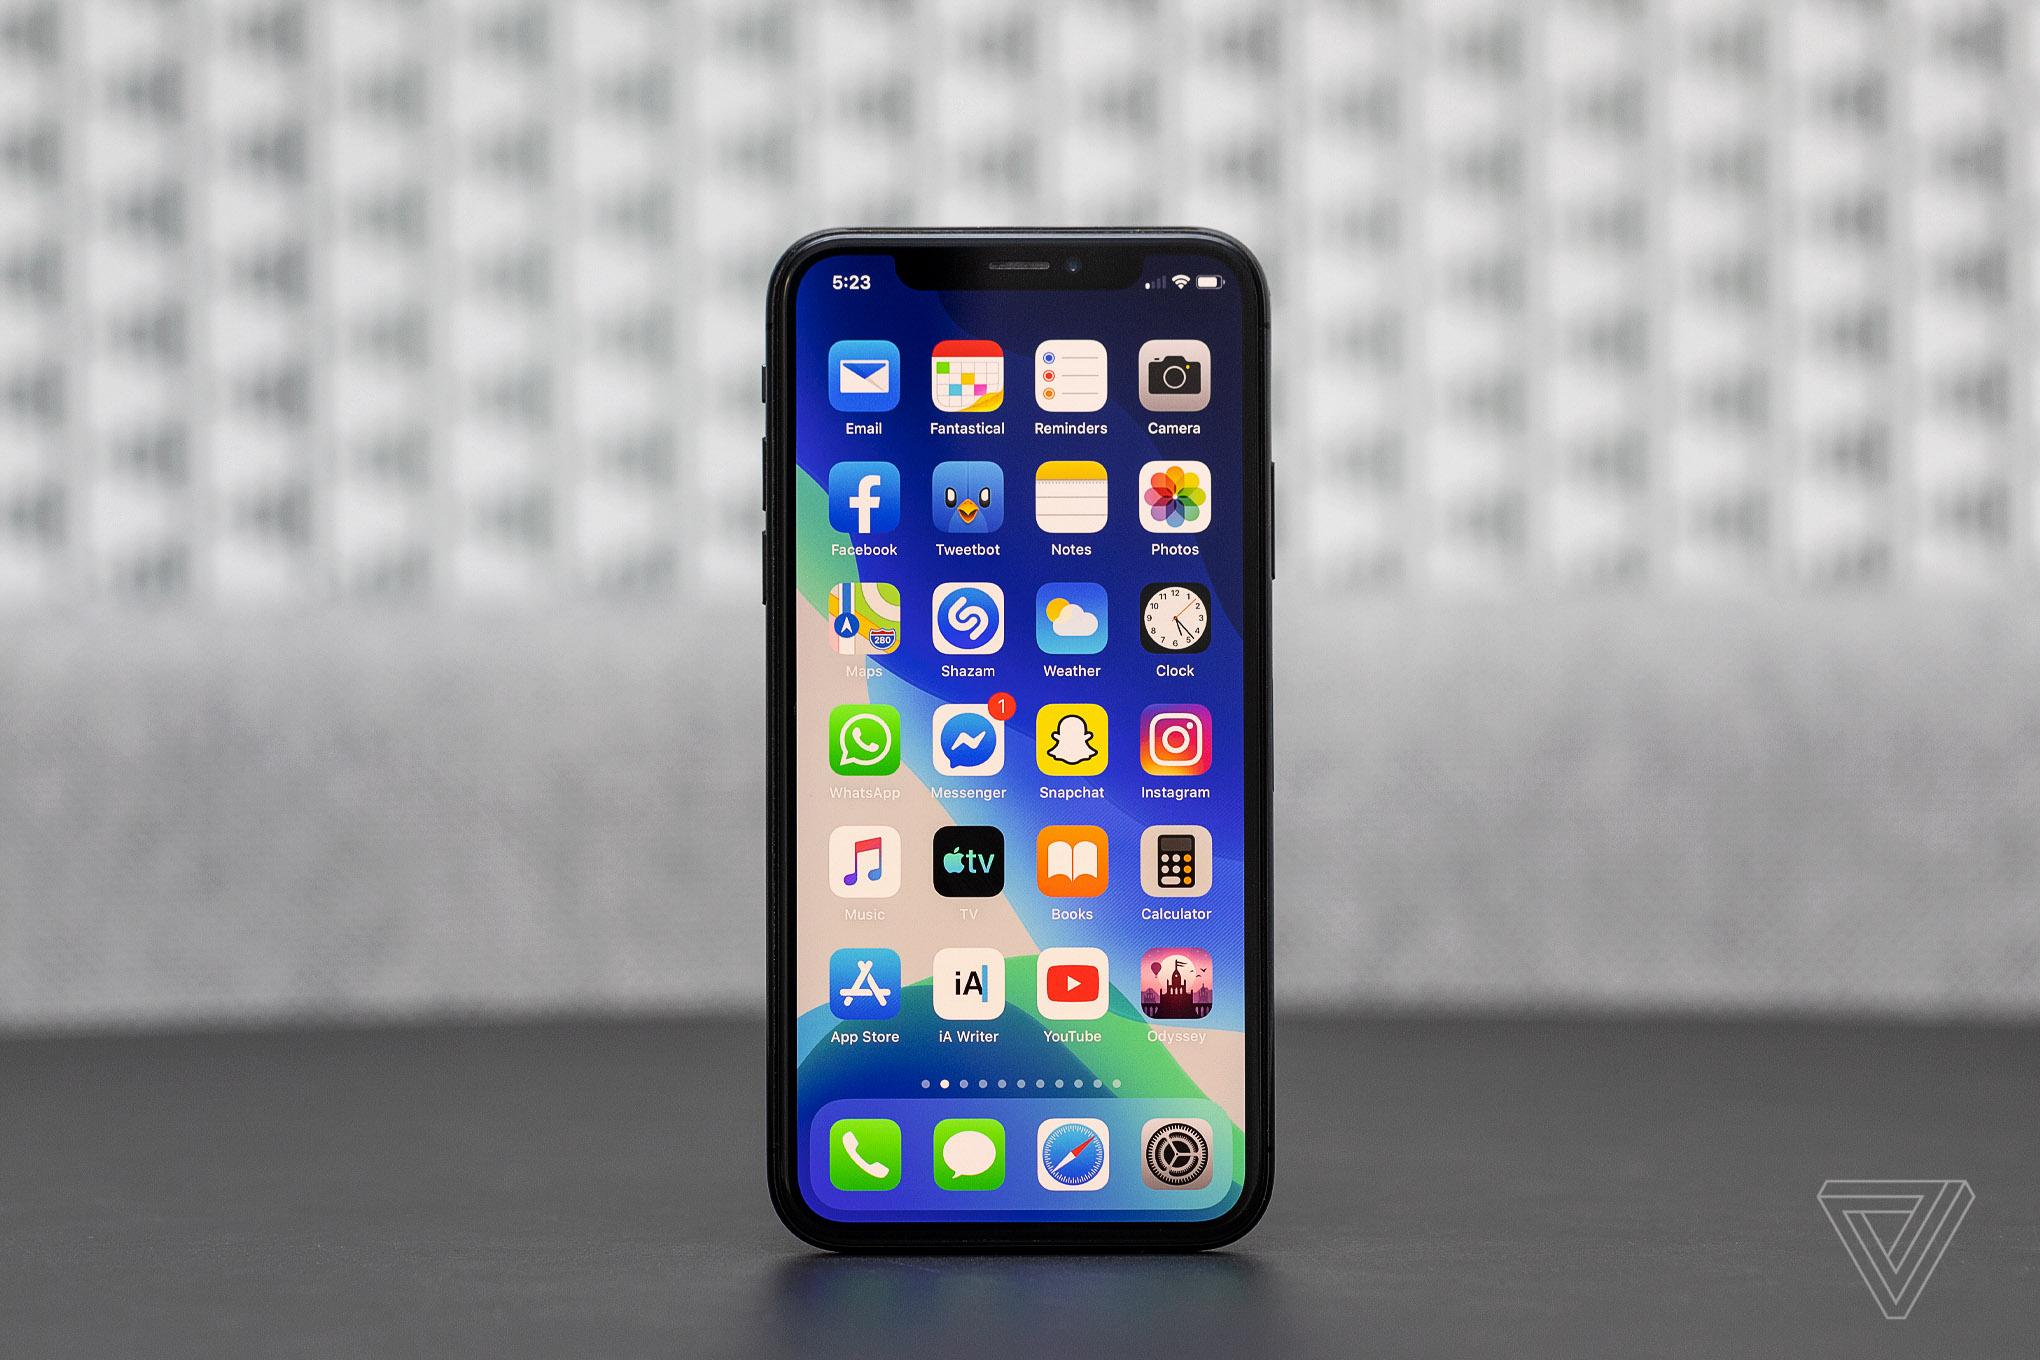 Apple: Kho ứng dụng App Store đã tạo ra 519 tỷ USD doanh thu trong năm 2019